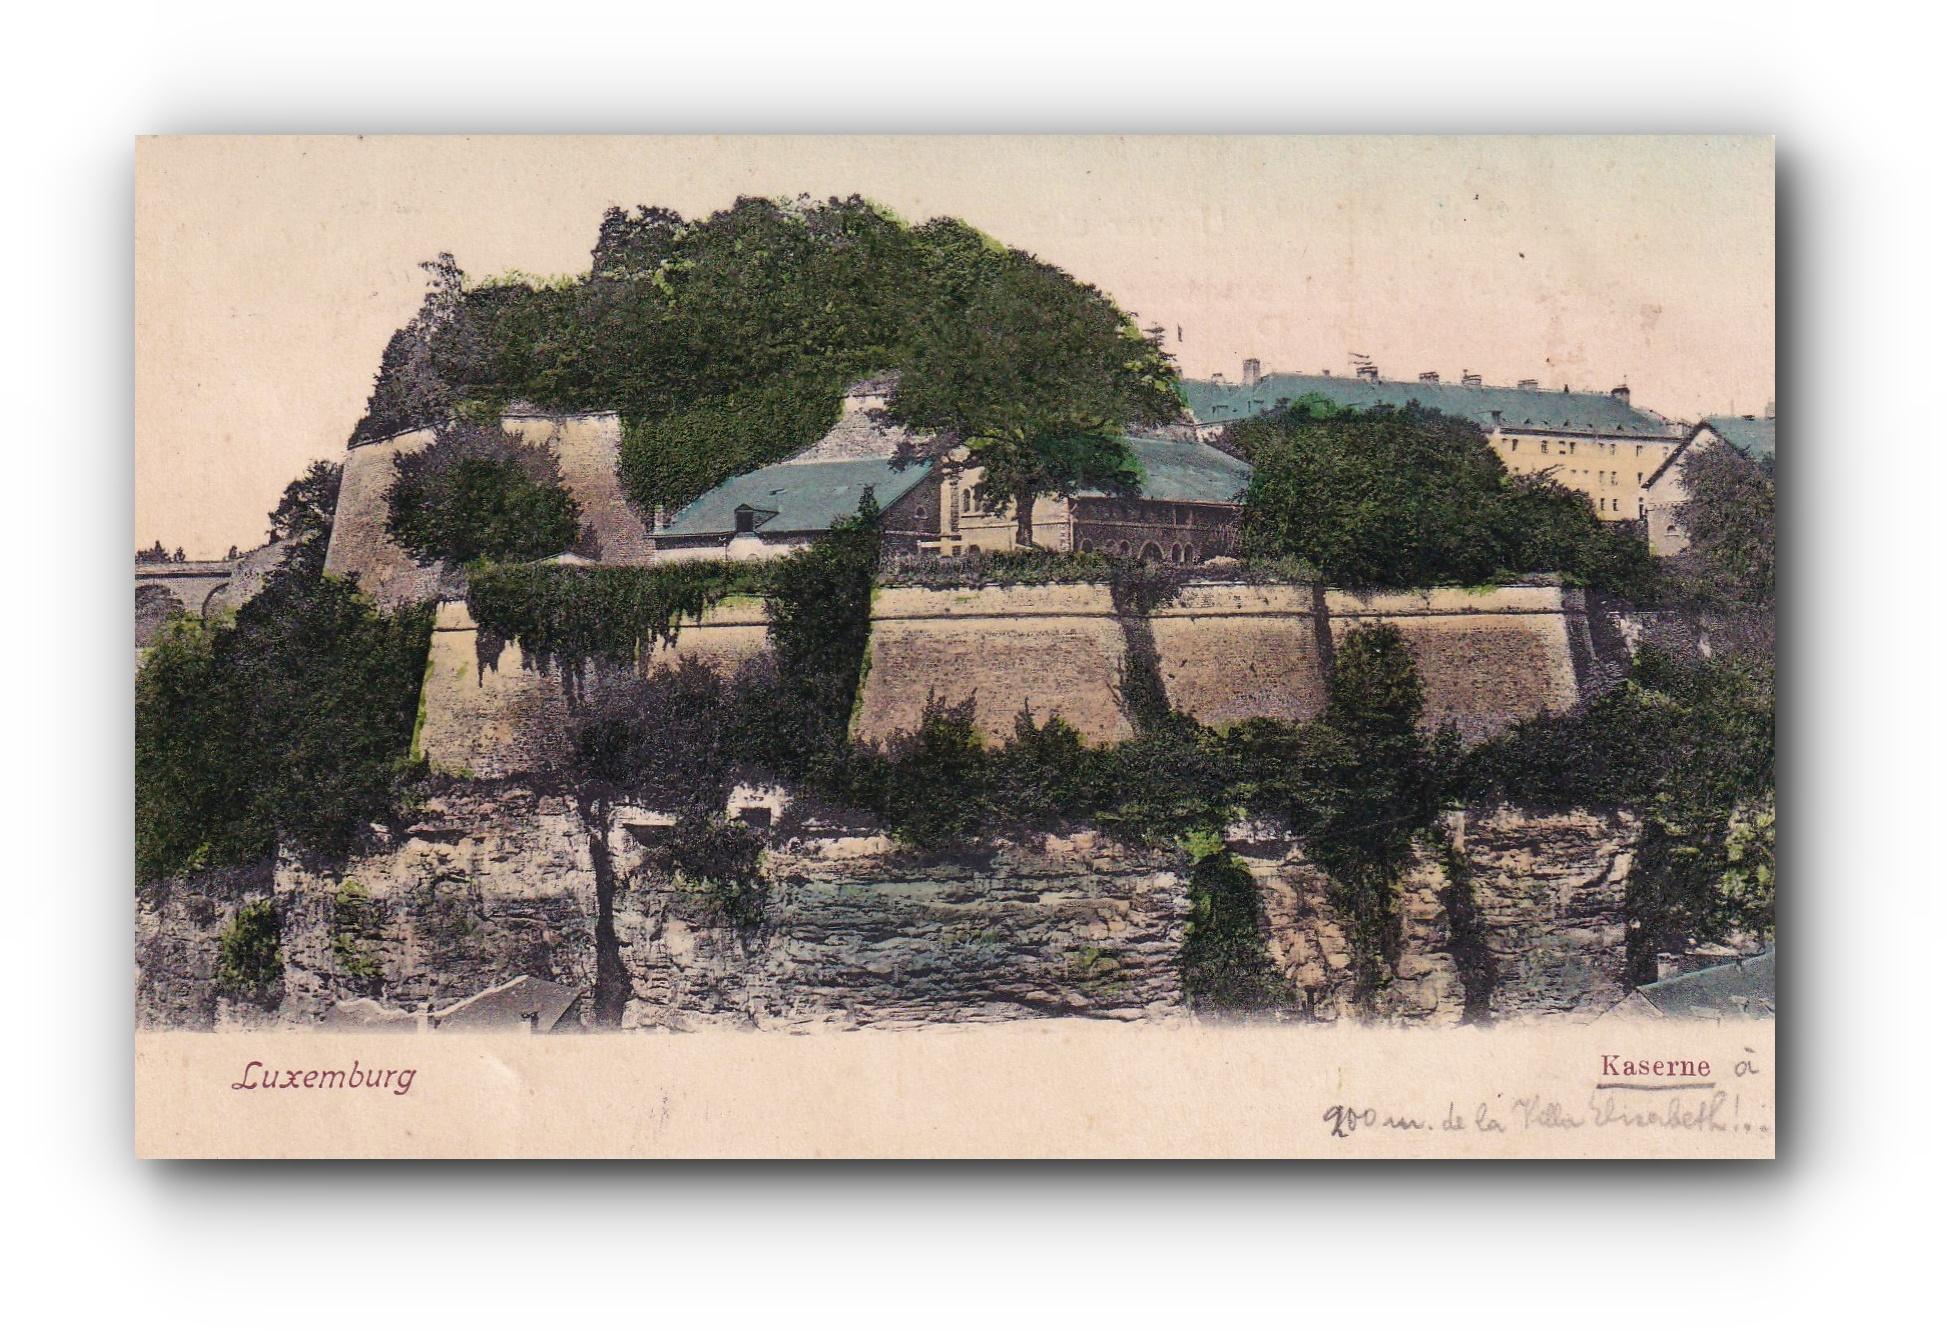 LUXEMBURG Kaserne - 18.10.1911 - Casernes - Military barrack